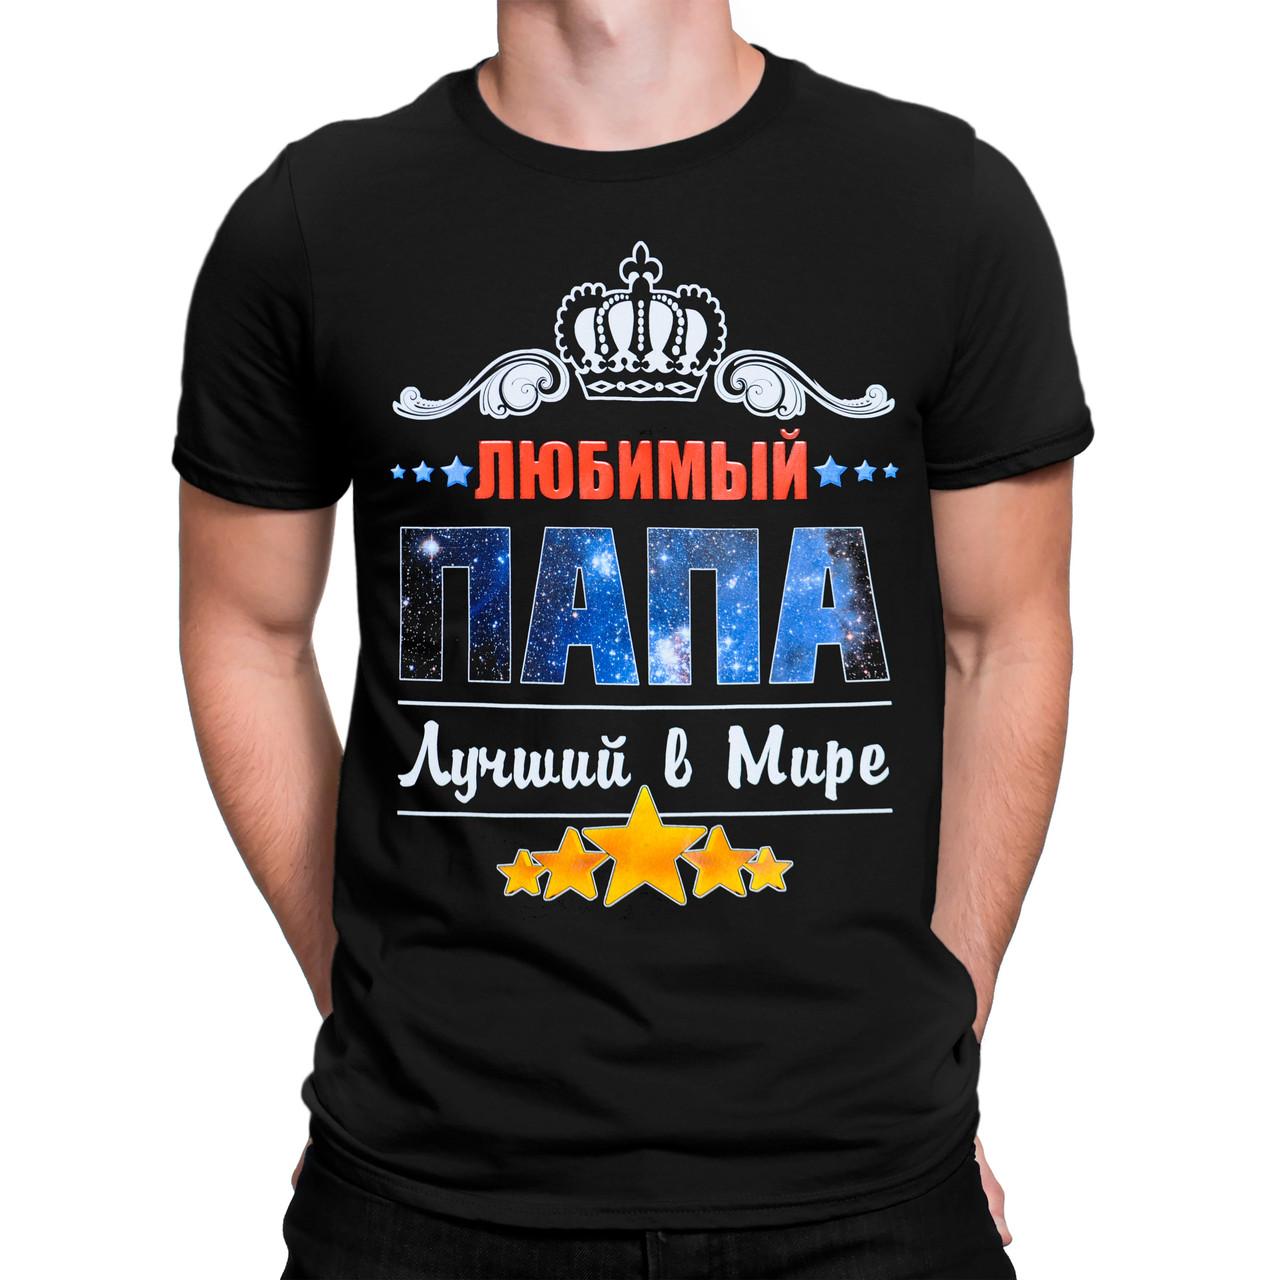 """Мужская футболка с принтом """"Любимый папа"""" Push IT"""